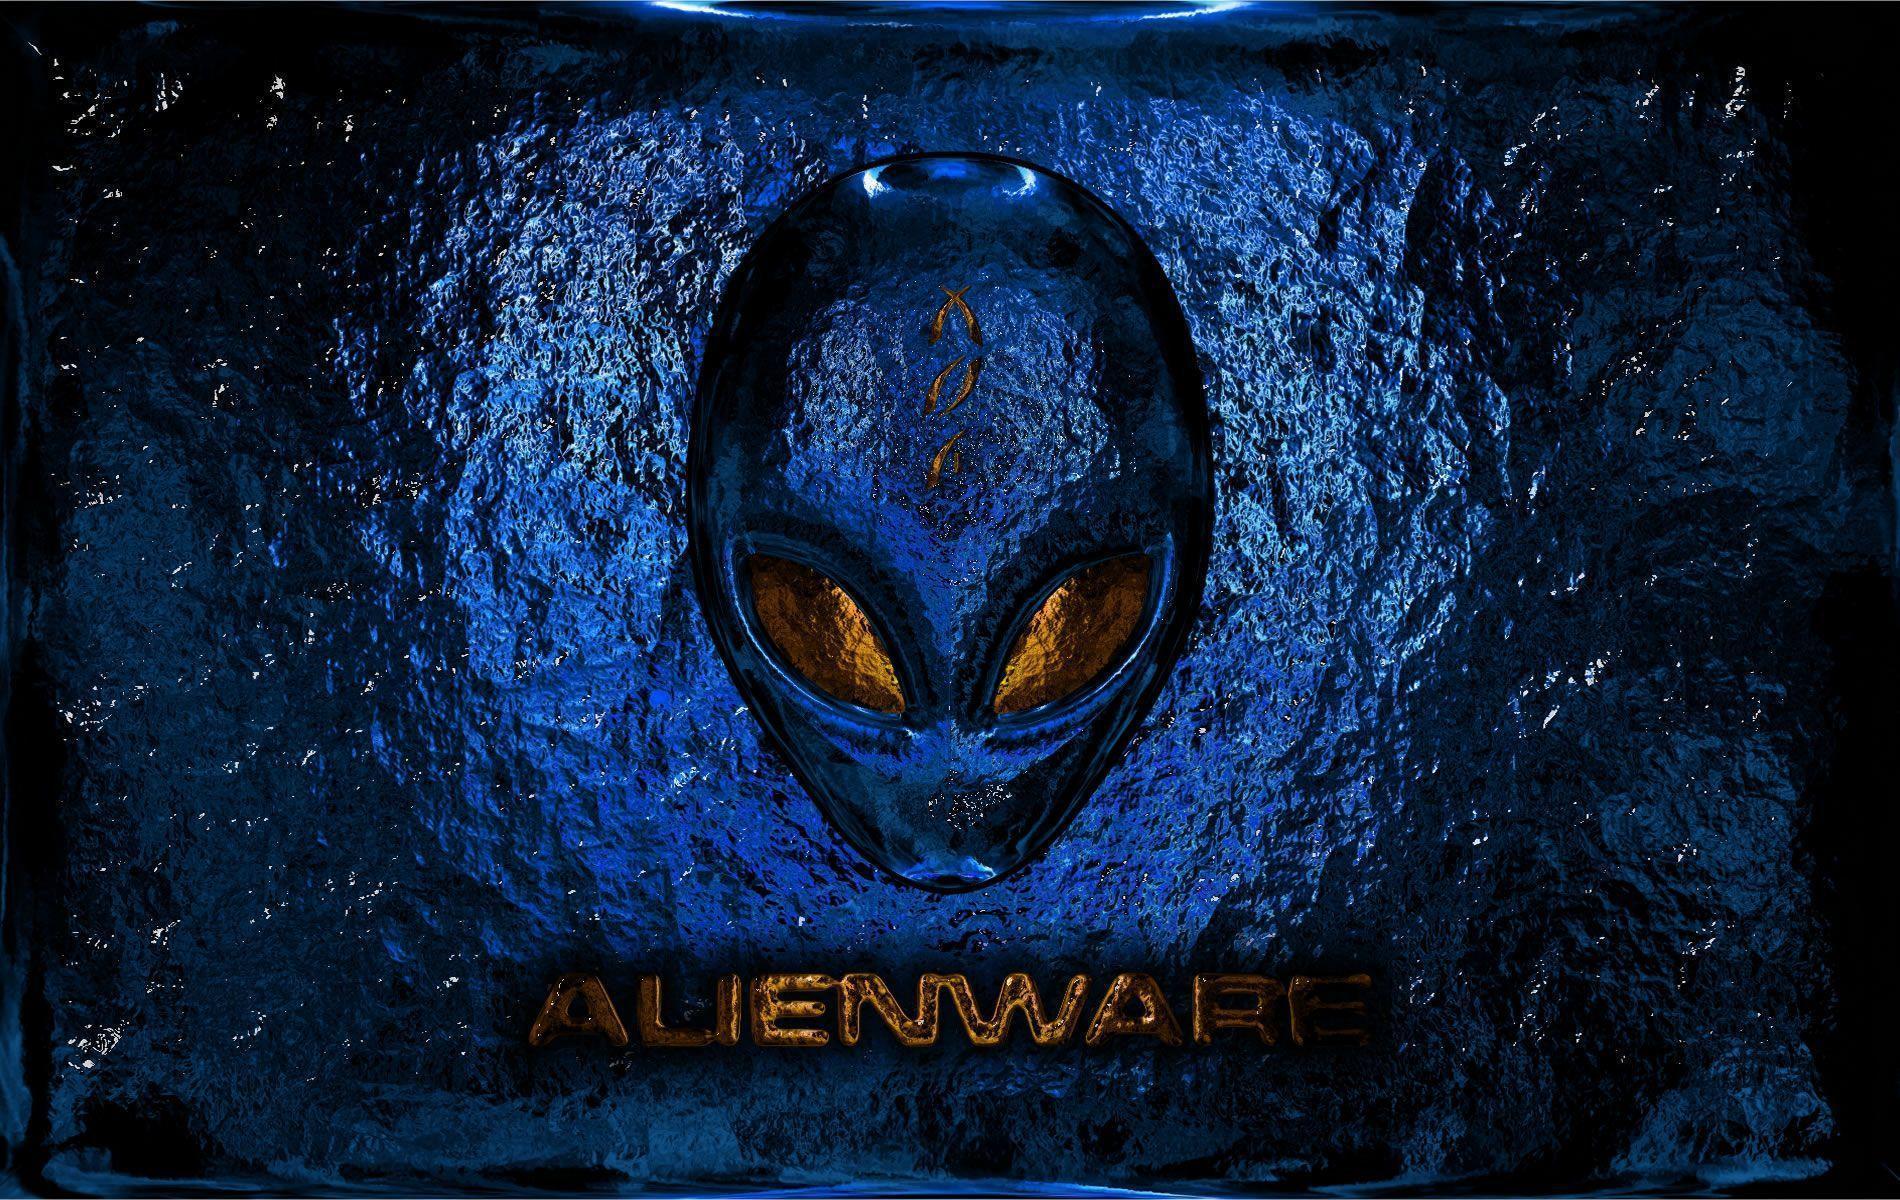 Alienware Wallpapers - Wallpaper Cave